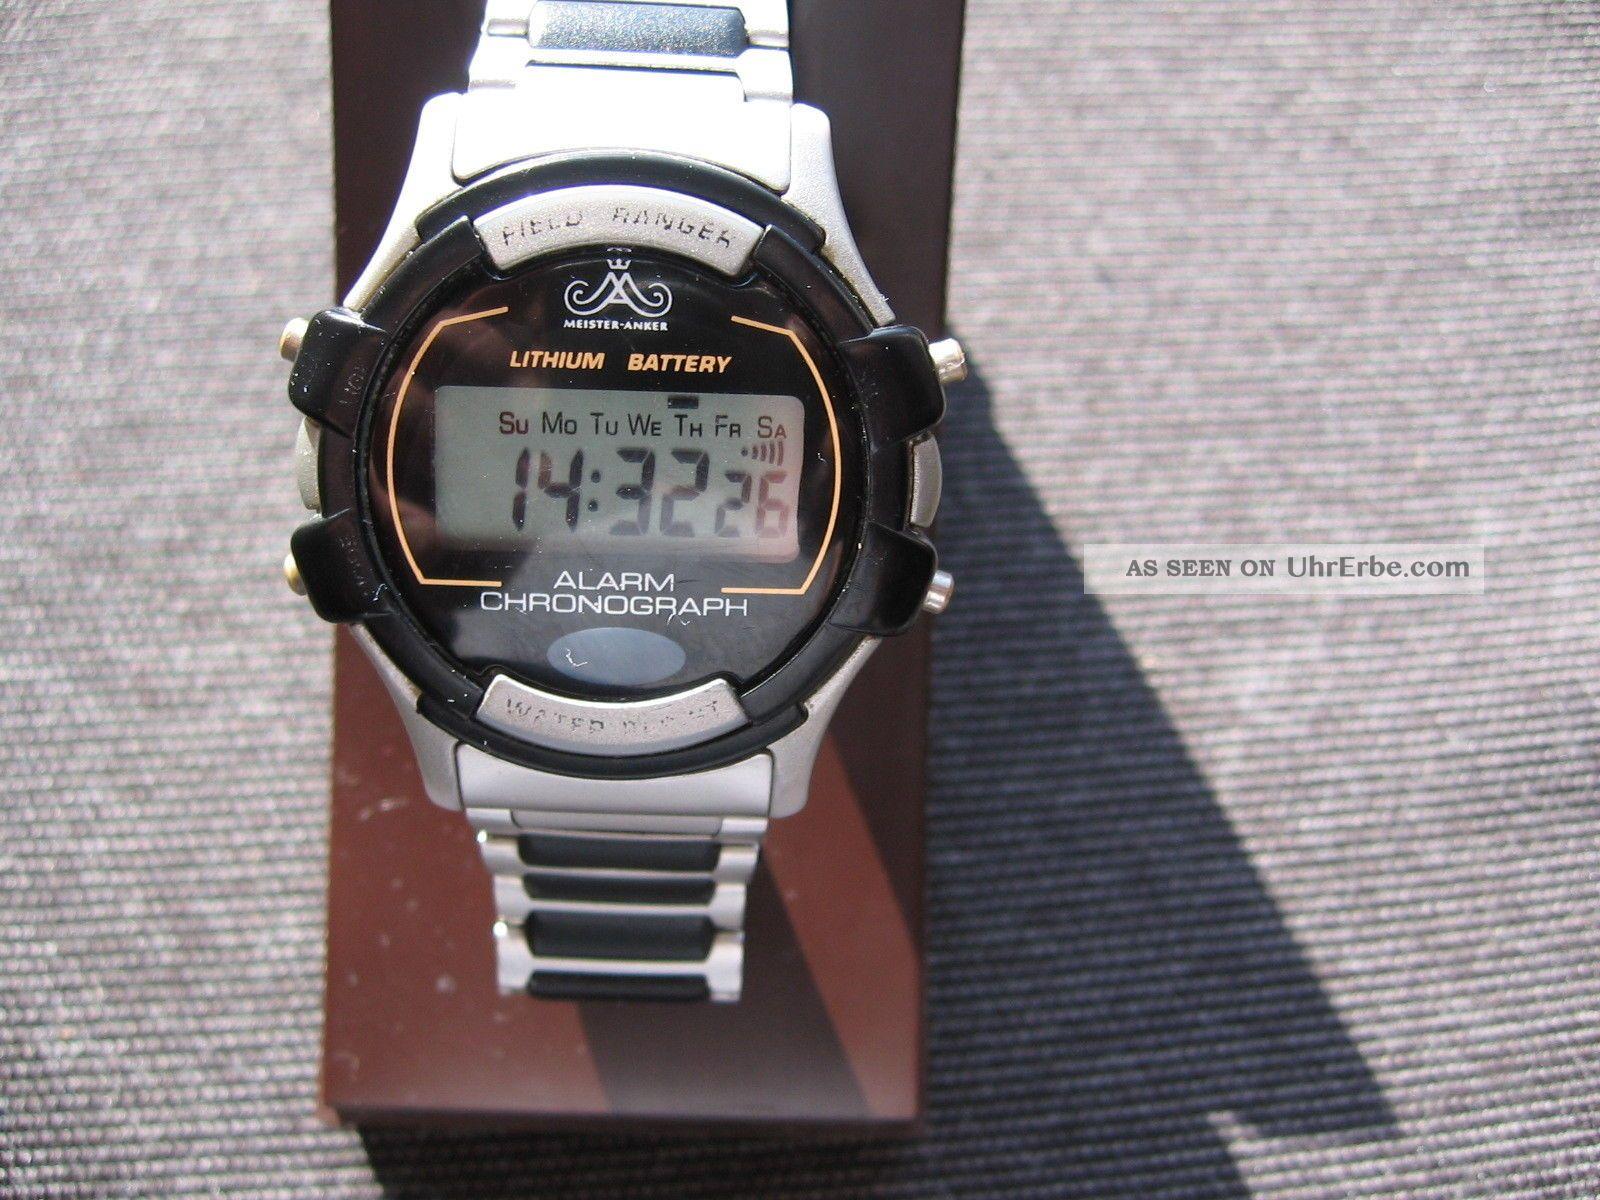 Meister Anker Field Ranger Alarm Chronograph Quarz Uhr - Digital, Armbanduhren Bild